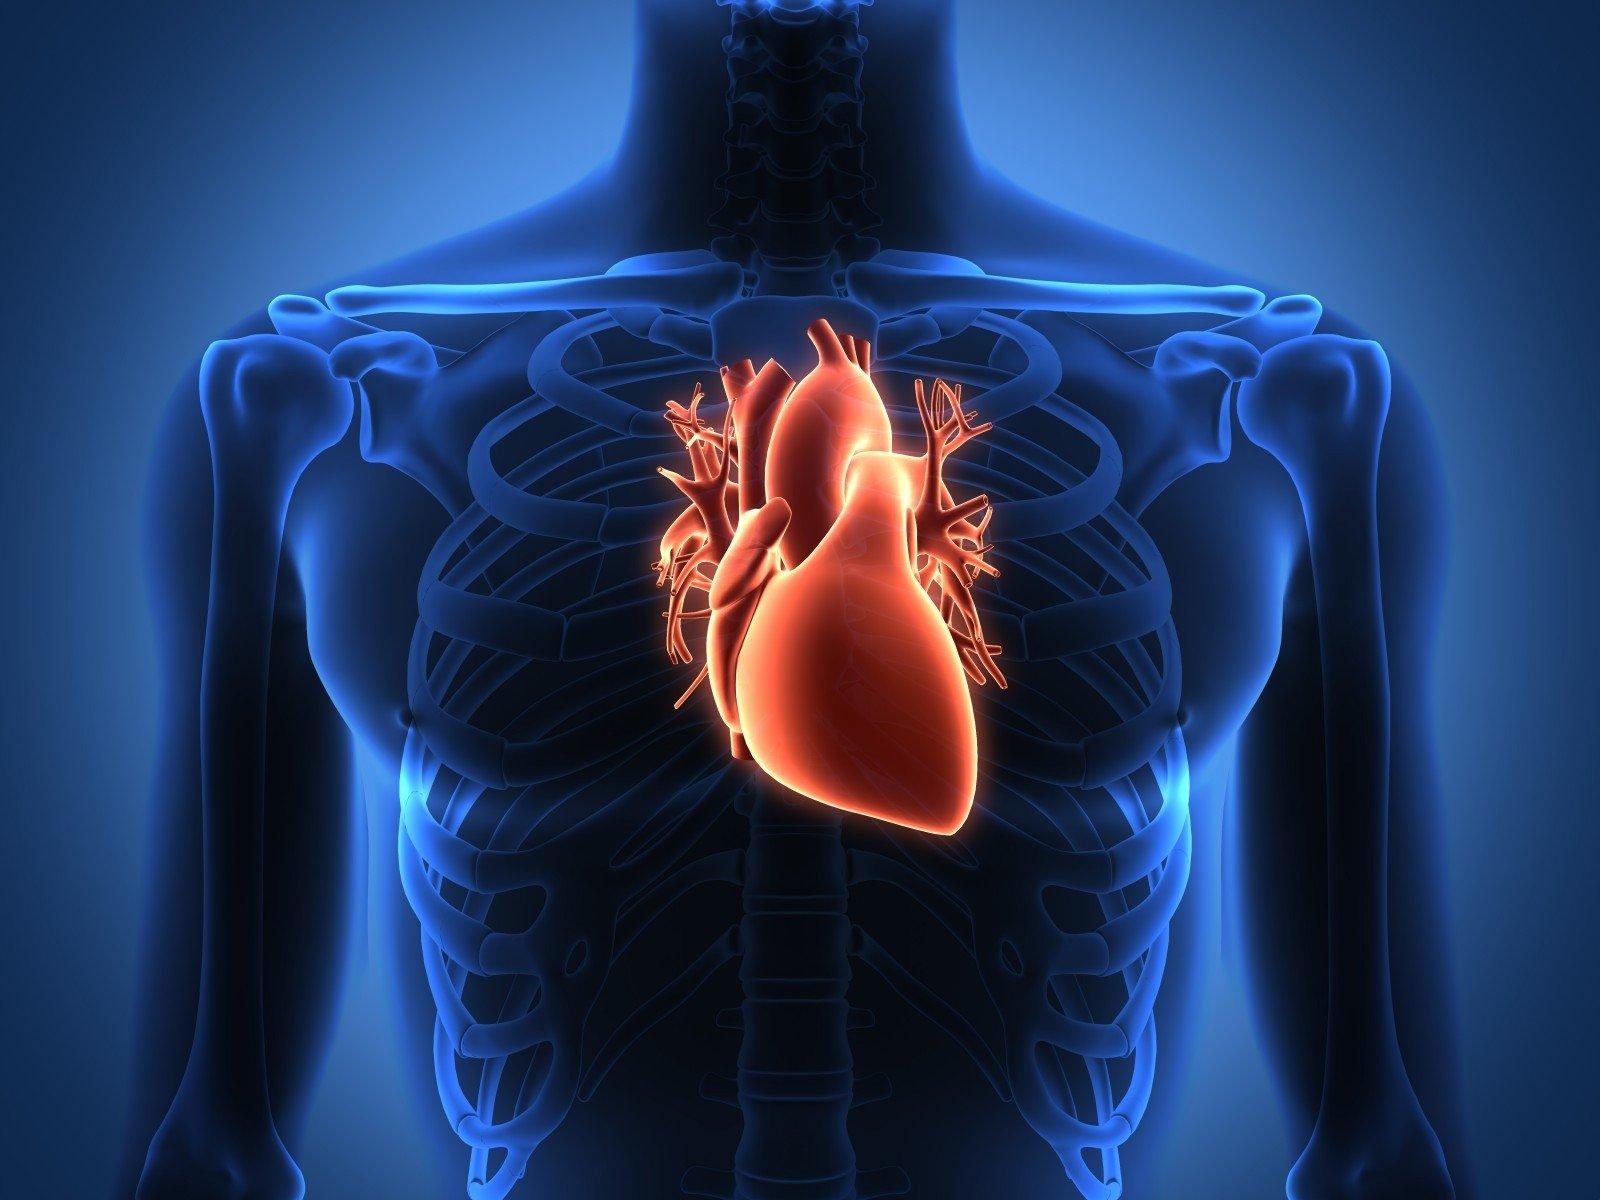 hipertenzija blogos kraujagyslės ką daryti ąžuolas nuo hipertenzijos